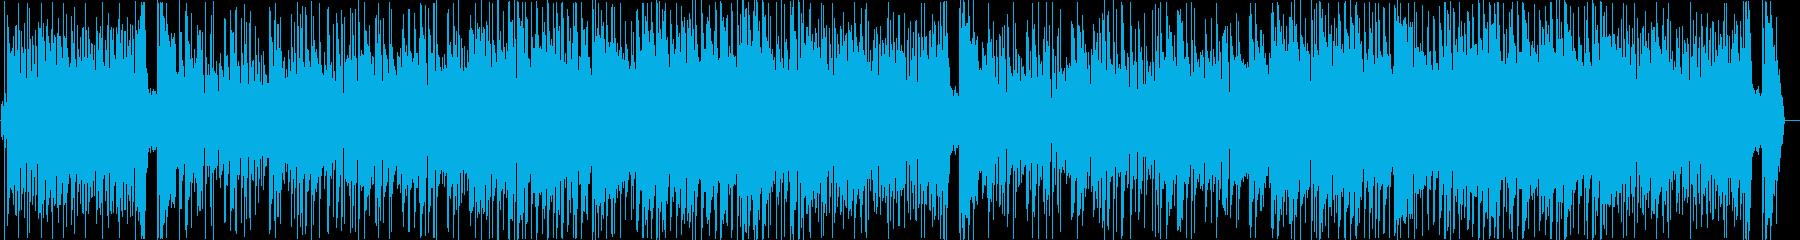 明るく爽やかで汎用性高いボサノバ風BGMの再生済みの波形